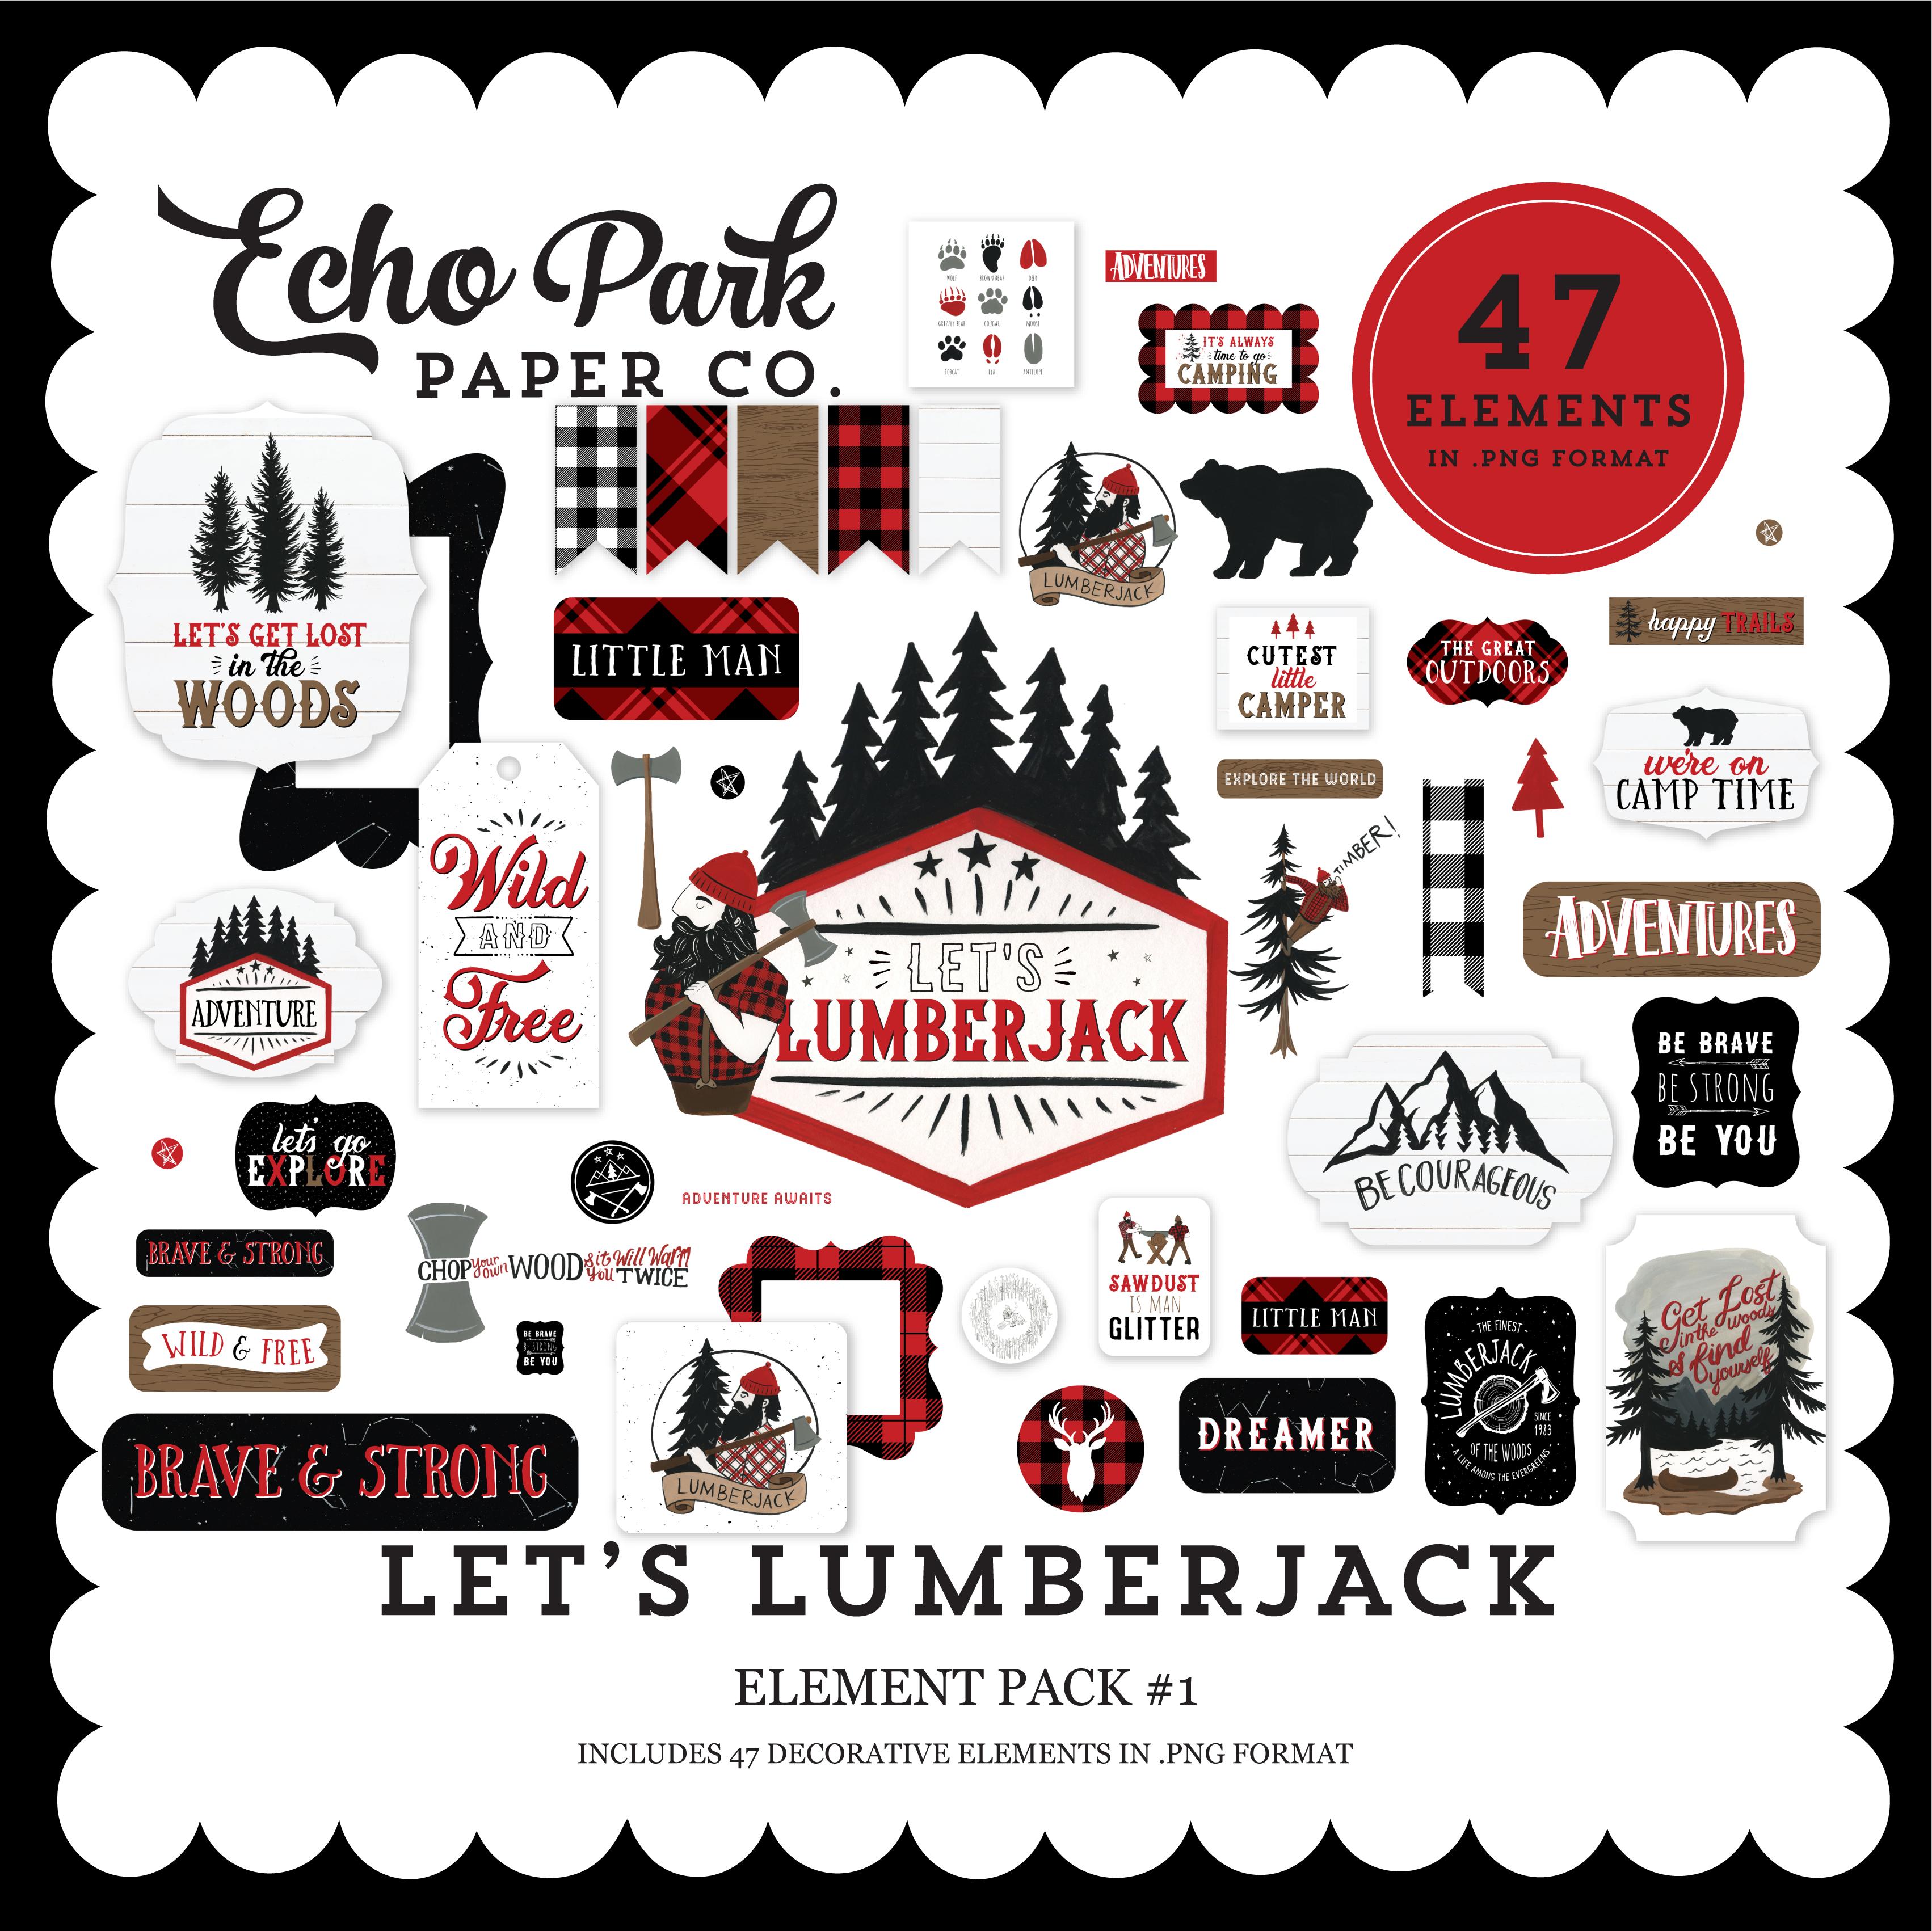 Let's Lumberjack Element Pack #1